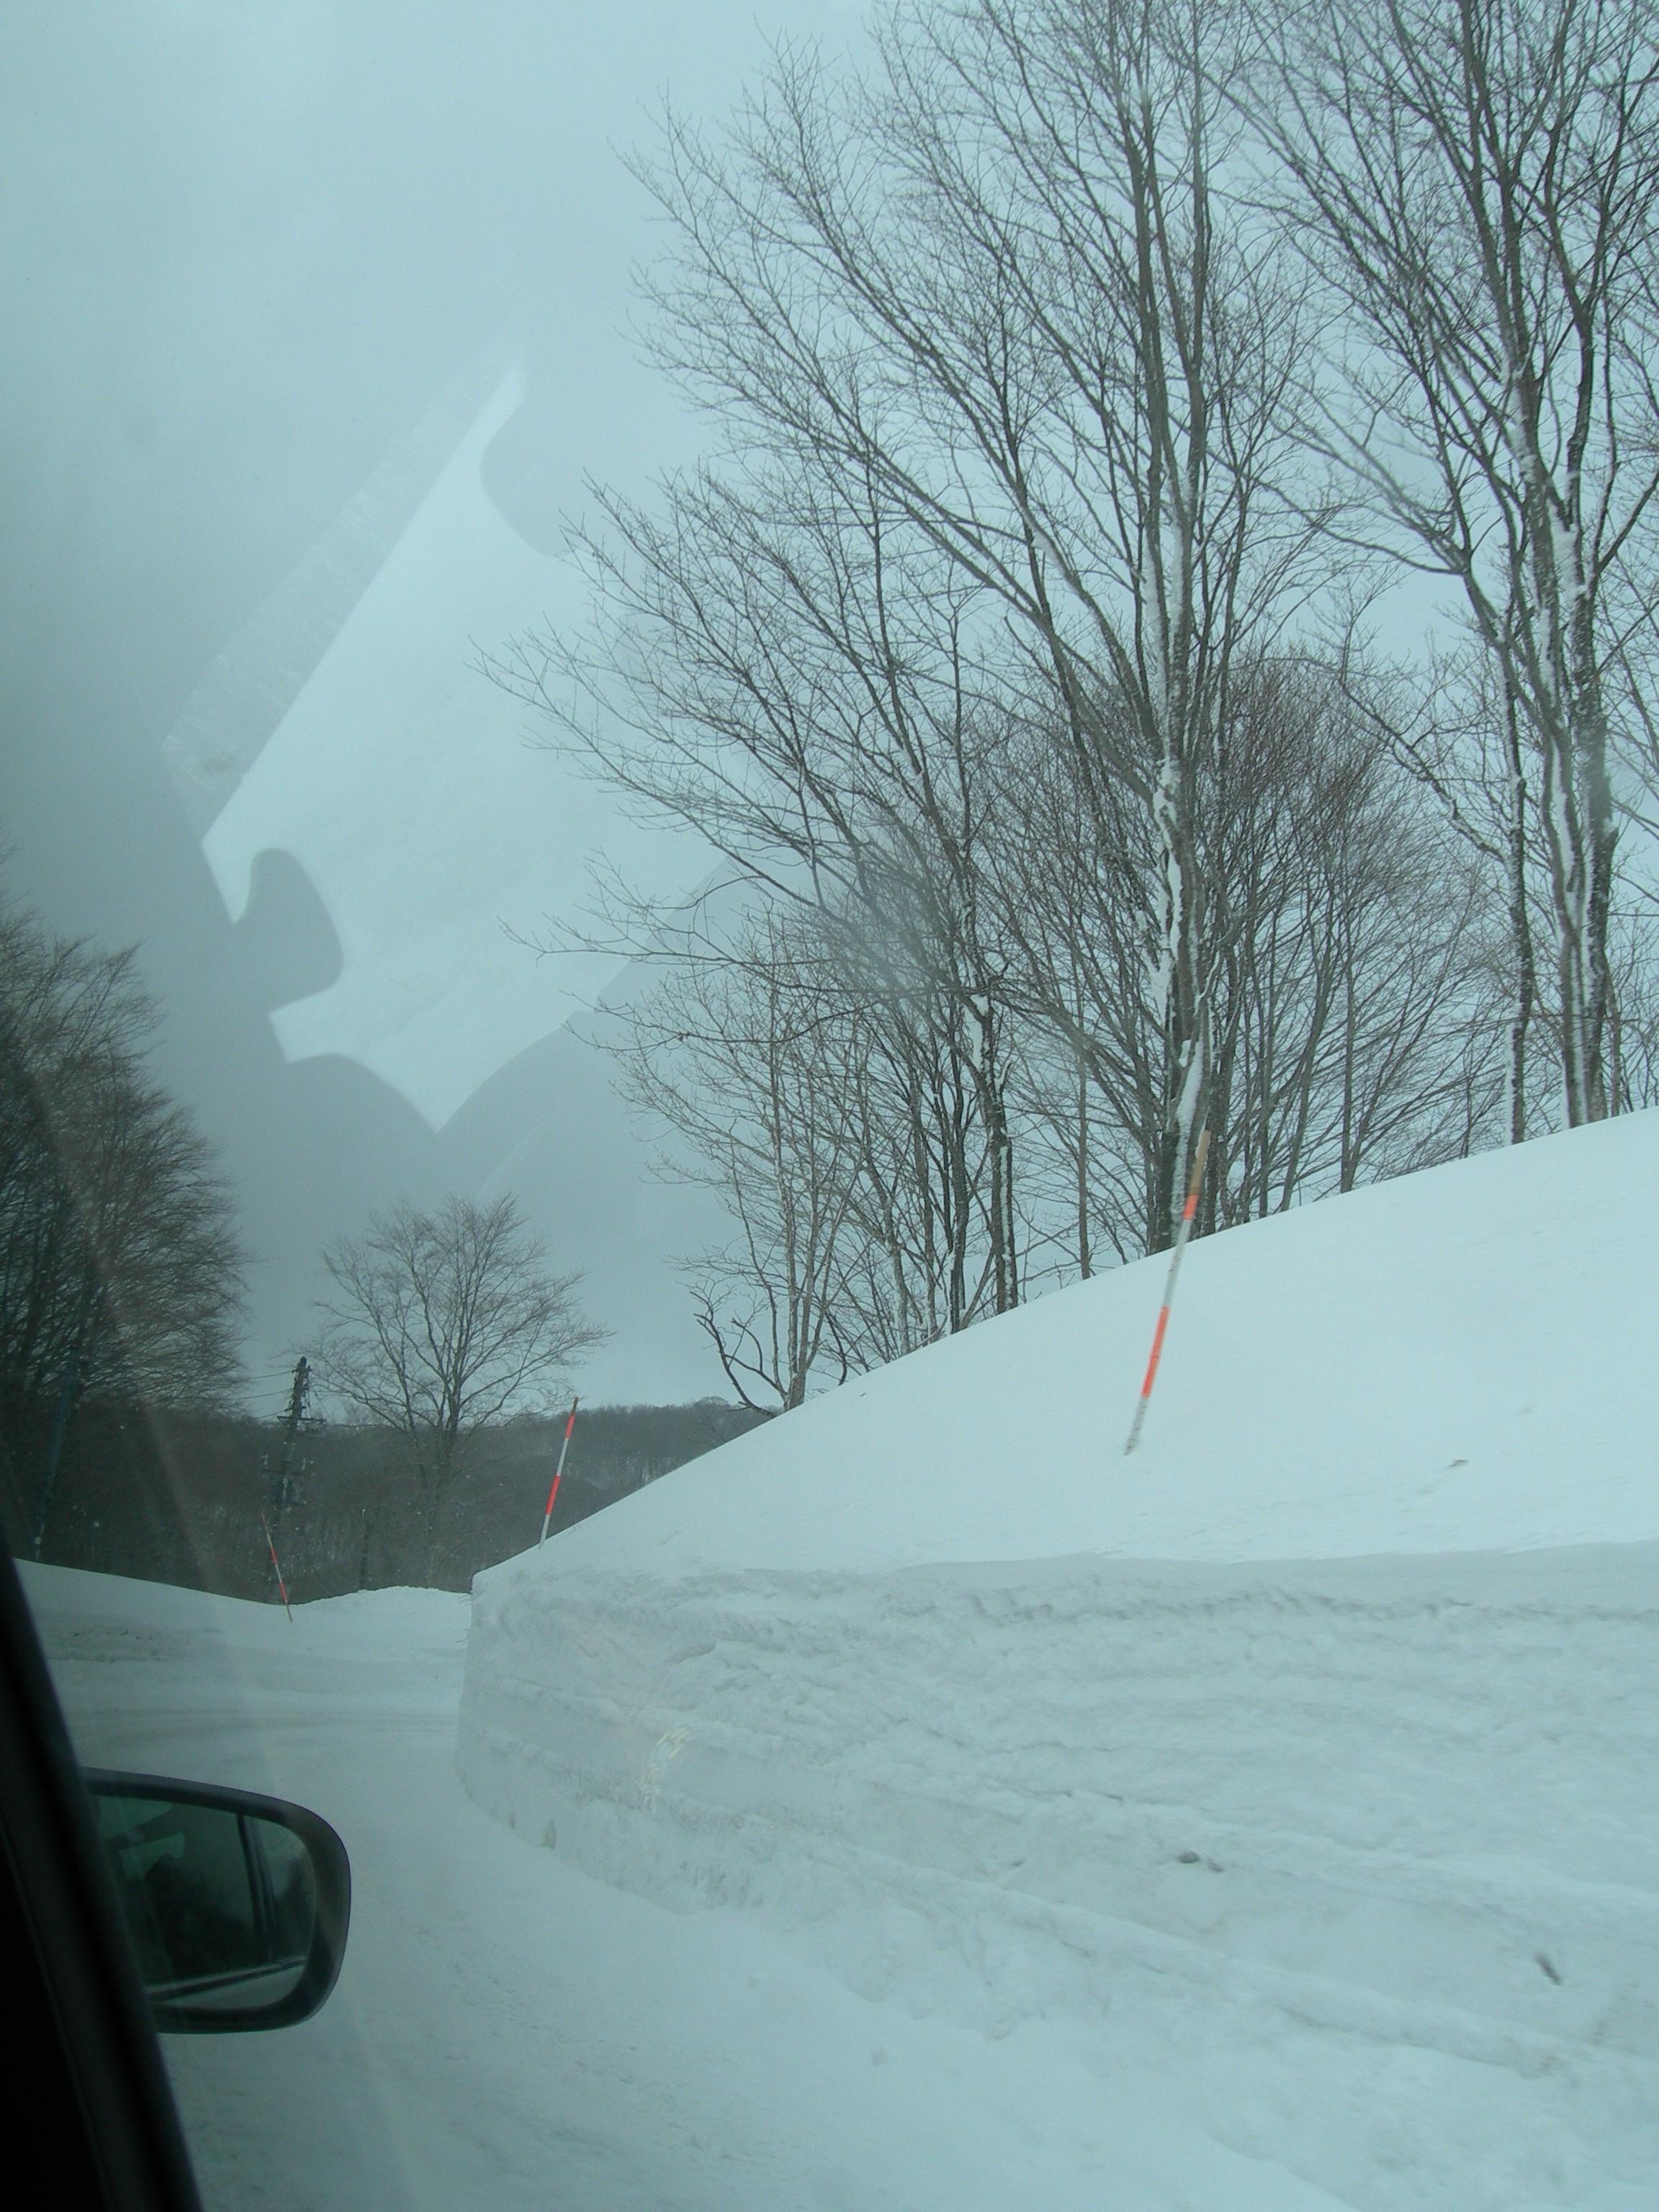 乳頭温泉のへの雪景色.jpg